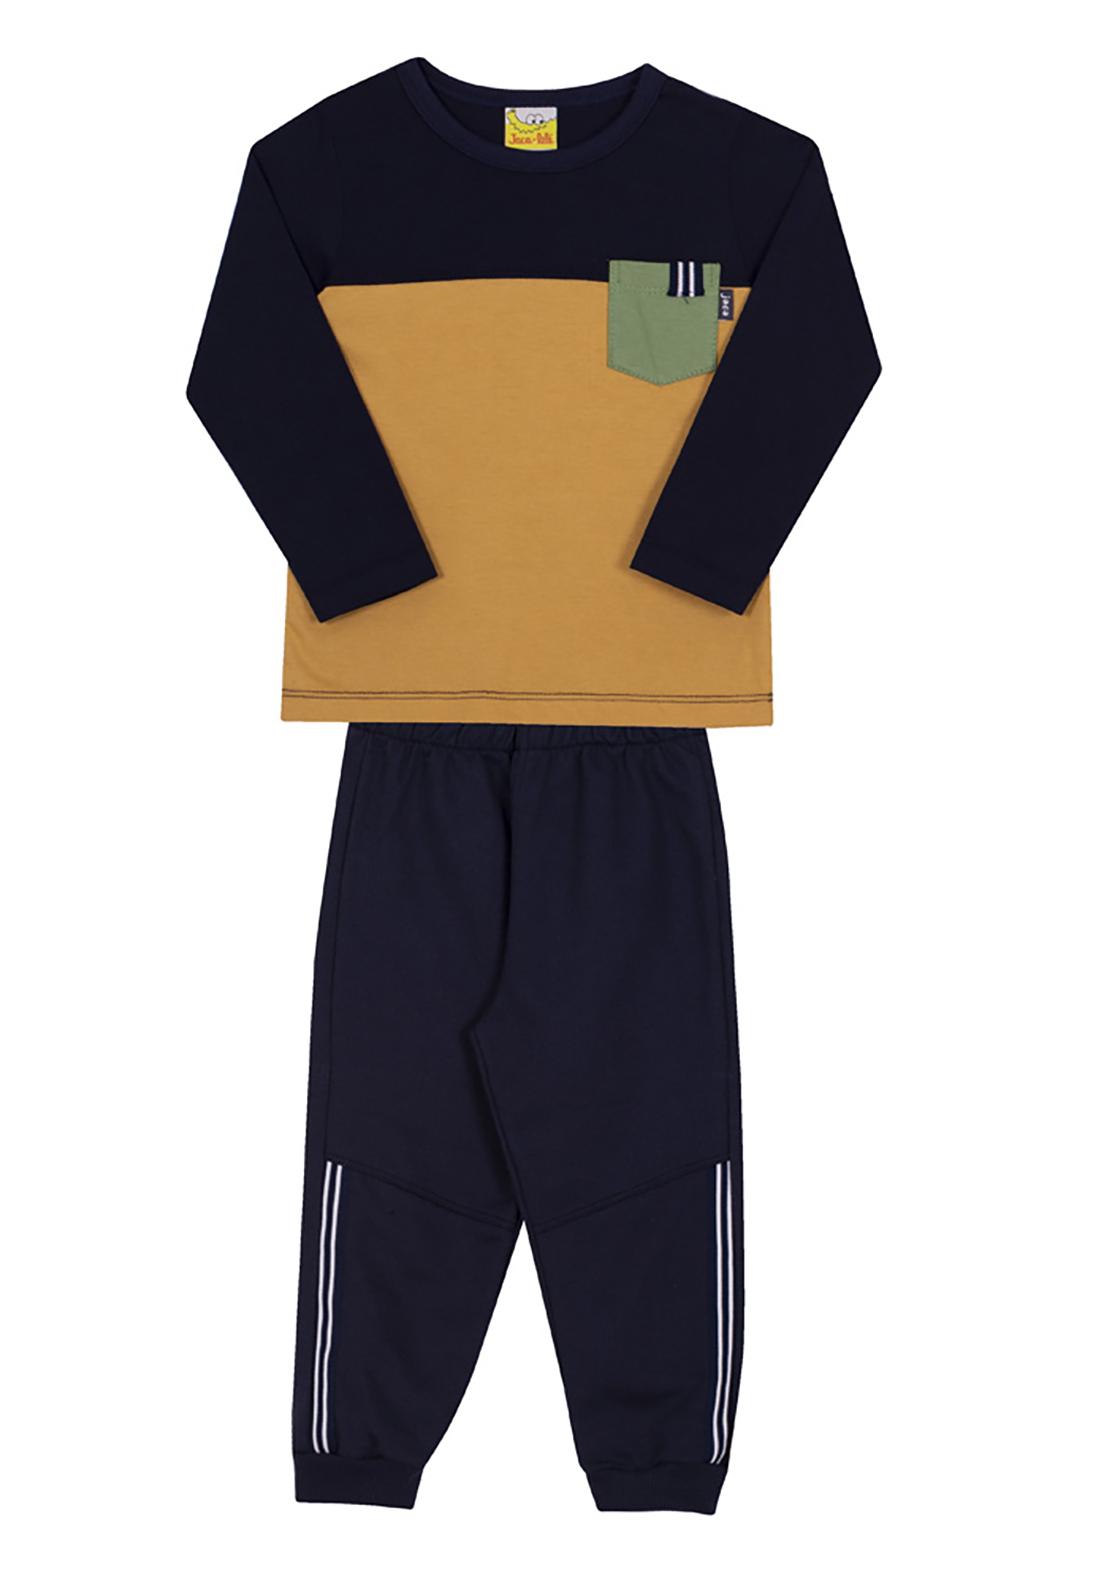 Conjunto Infantil Camiseta e Calça Moletom Jaca Lelé Marinho e Mostarda